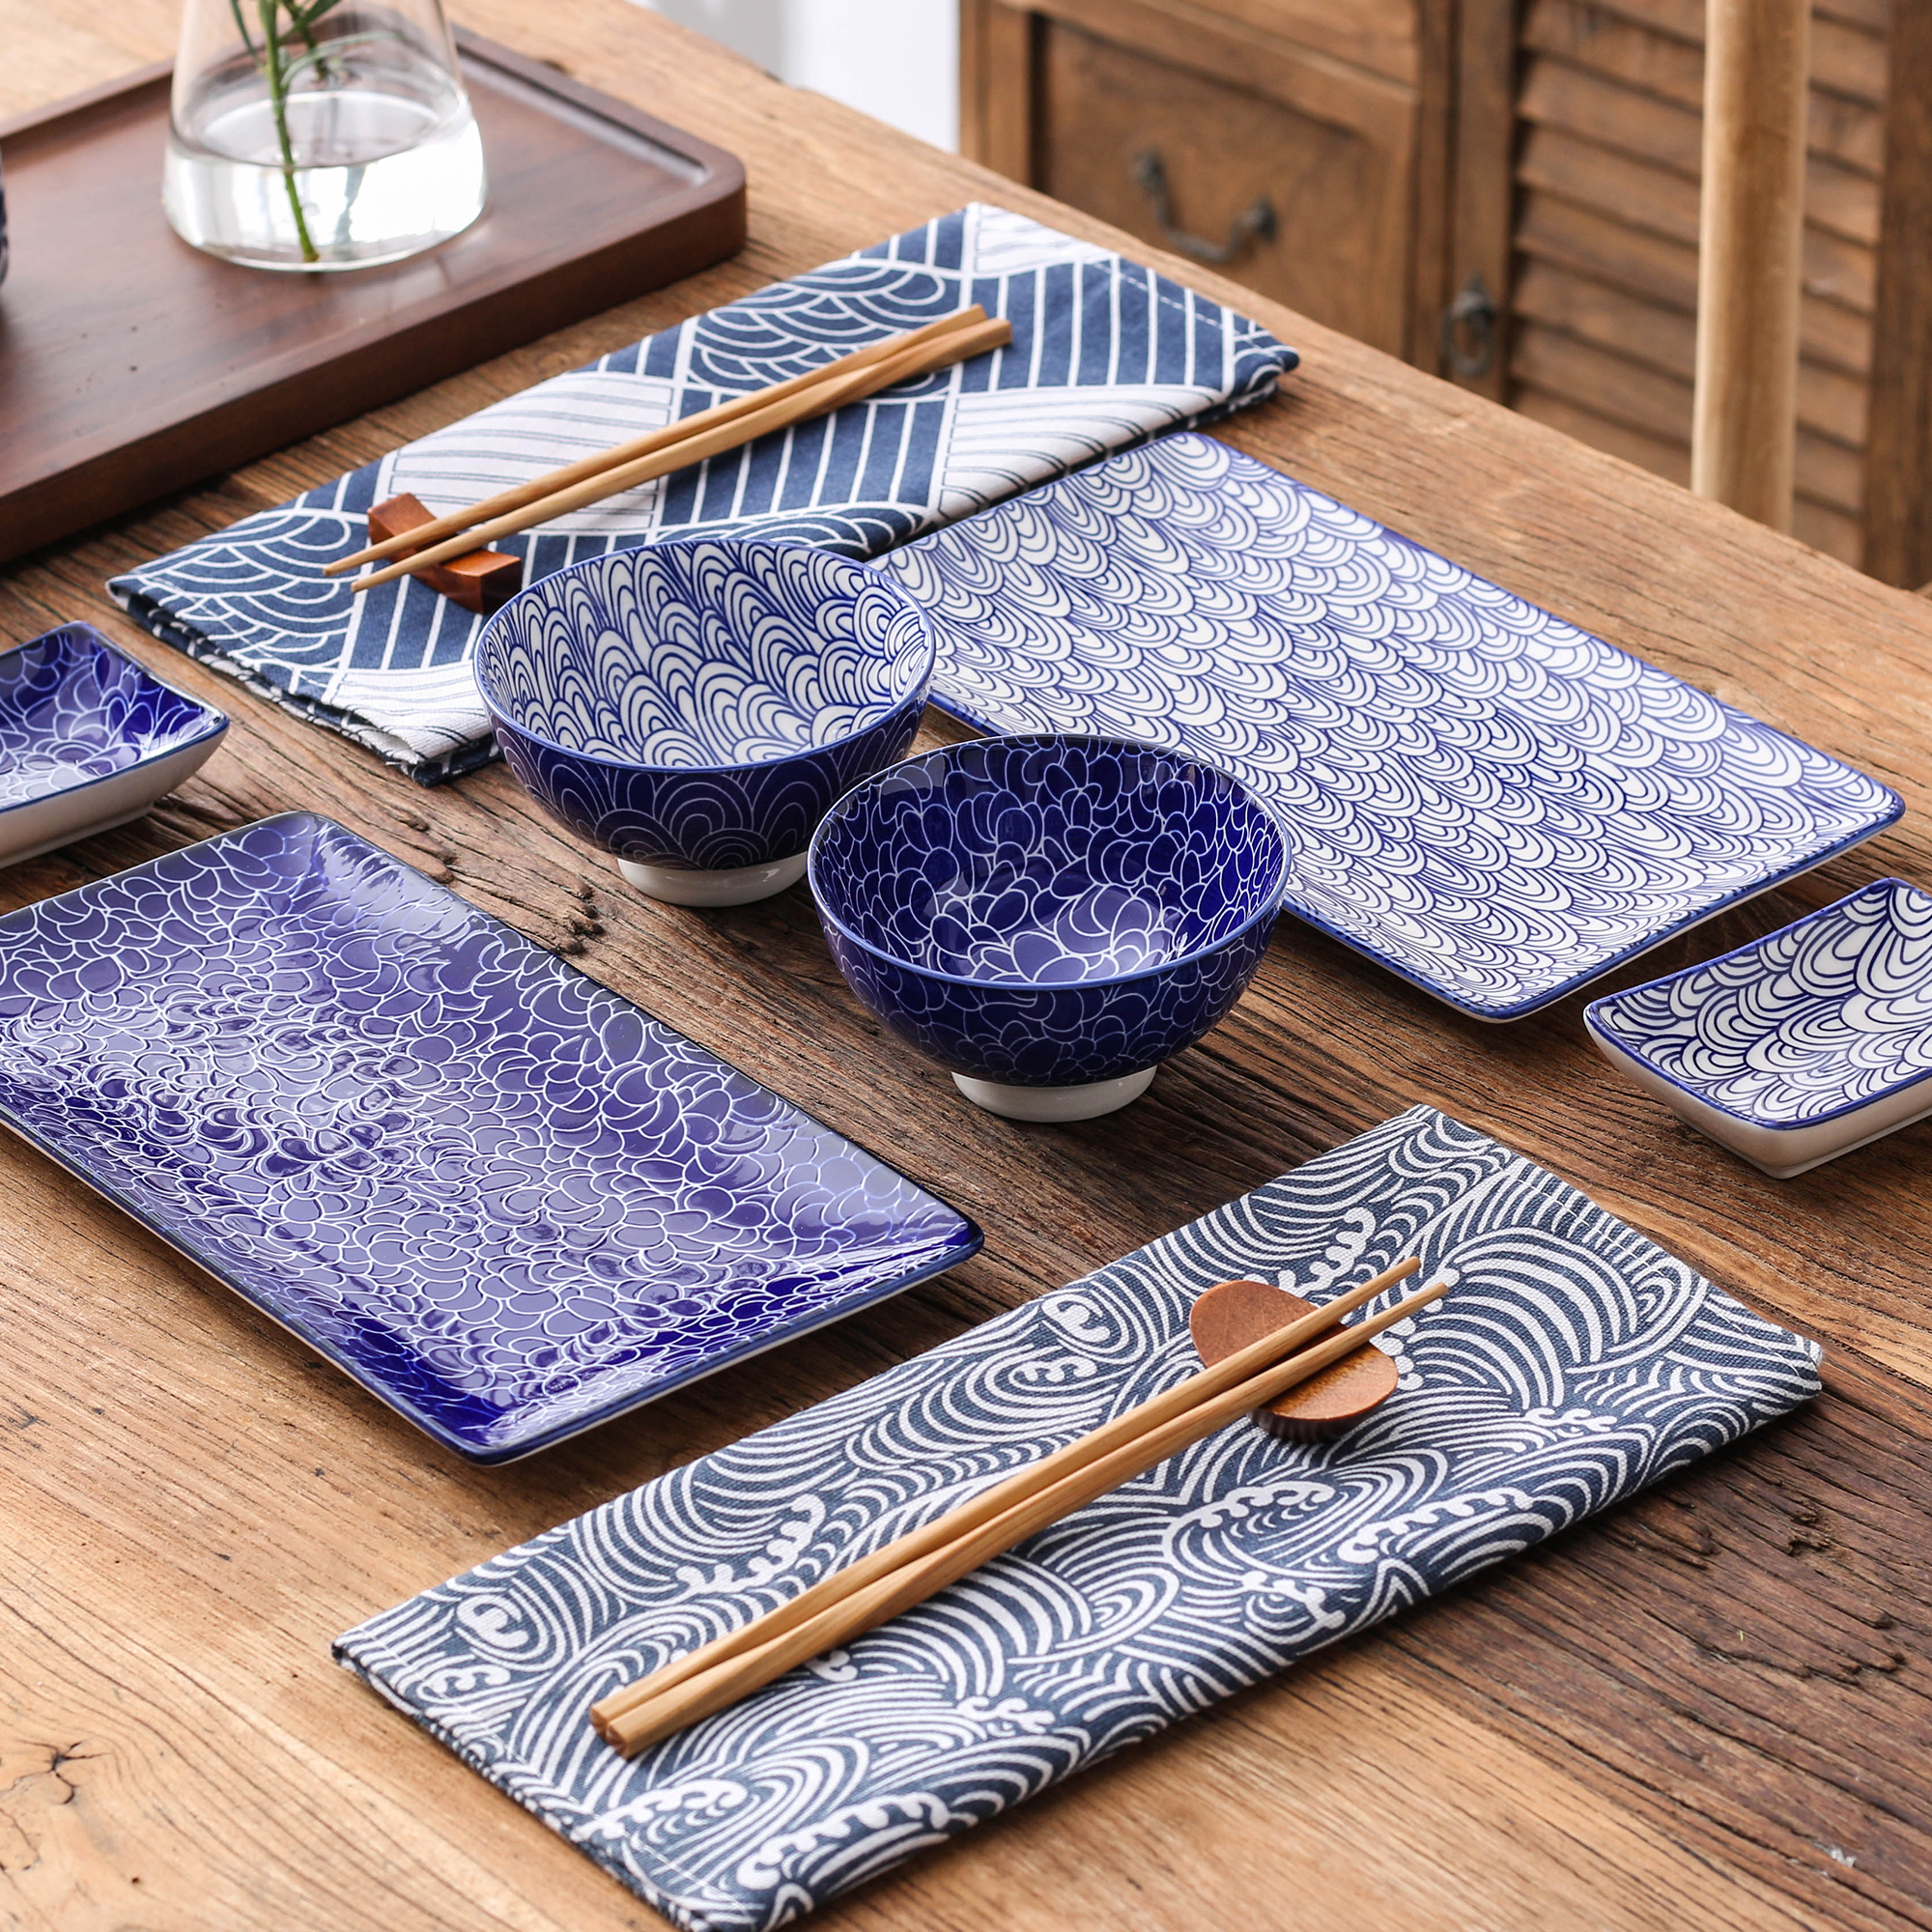 Vancasso service à dîner bleu japonais Sushi | En porcelaine, Nippon japonais avec 2 * assiettes à Sushi, bols, plats à tremper, baguettes en bambou, boîte-cadeau